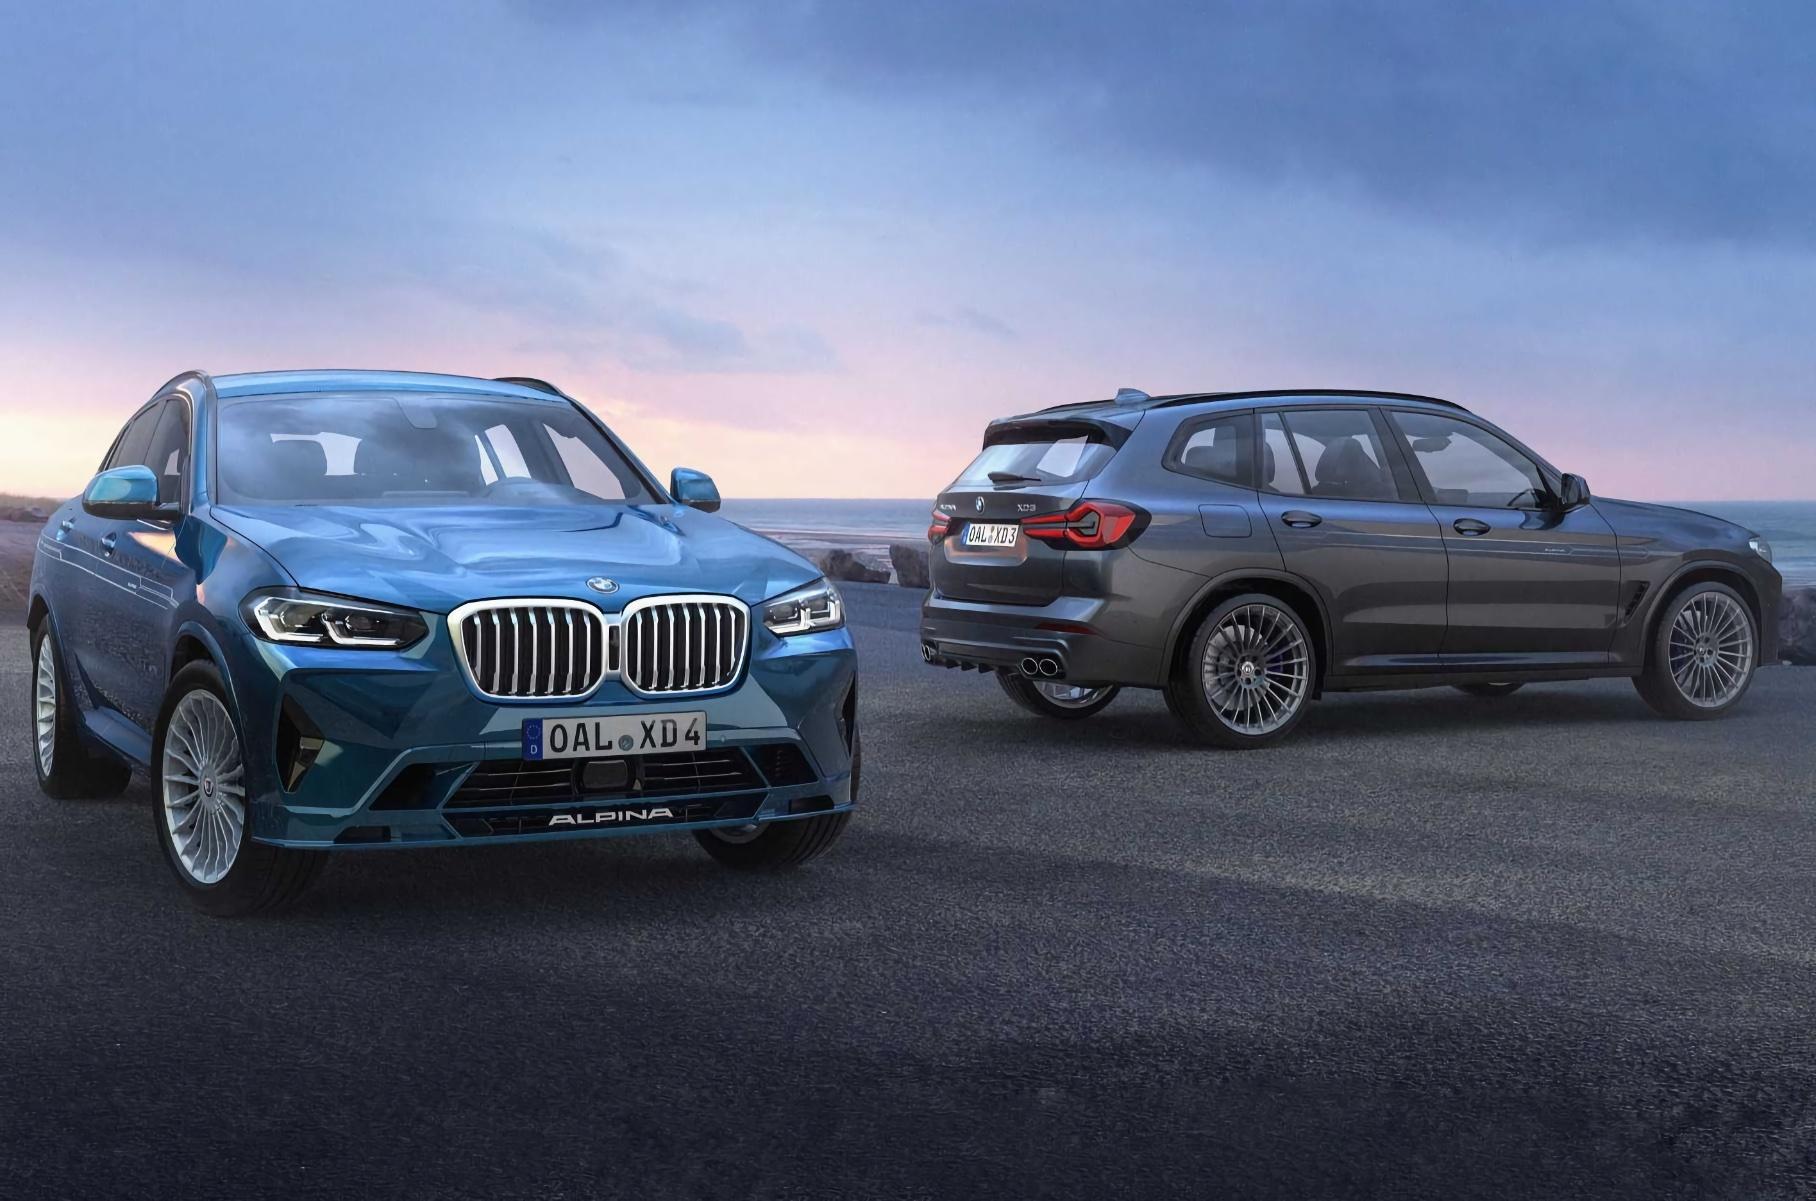 BMW X3 (см. видео) и X4 модернизированы буквально на днях, а теперь компания Alpina Automobiles представила рестайлинговые версии своих дизельных кроссоверов XD3 и XD4. Обе модели позаимствовали у X3 и X4 изменённый дизайн, а также новые консоль, блок управления климатом и мультимедийку iDrive 7.